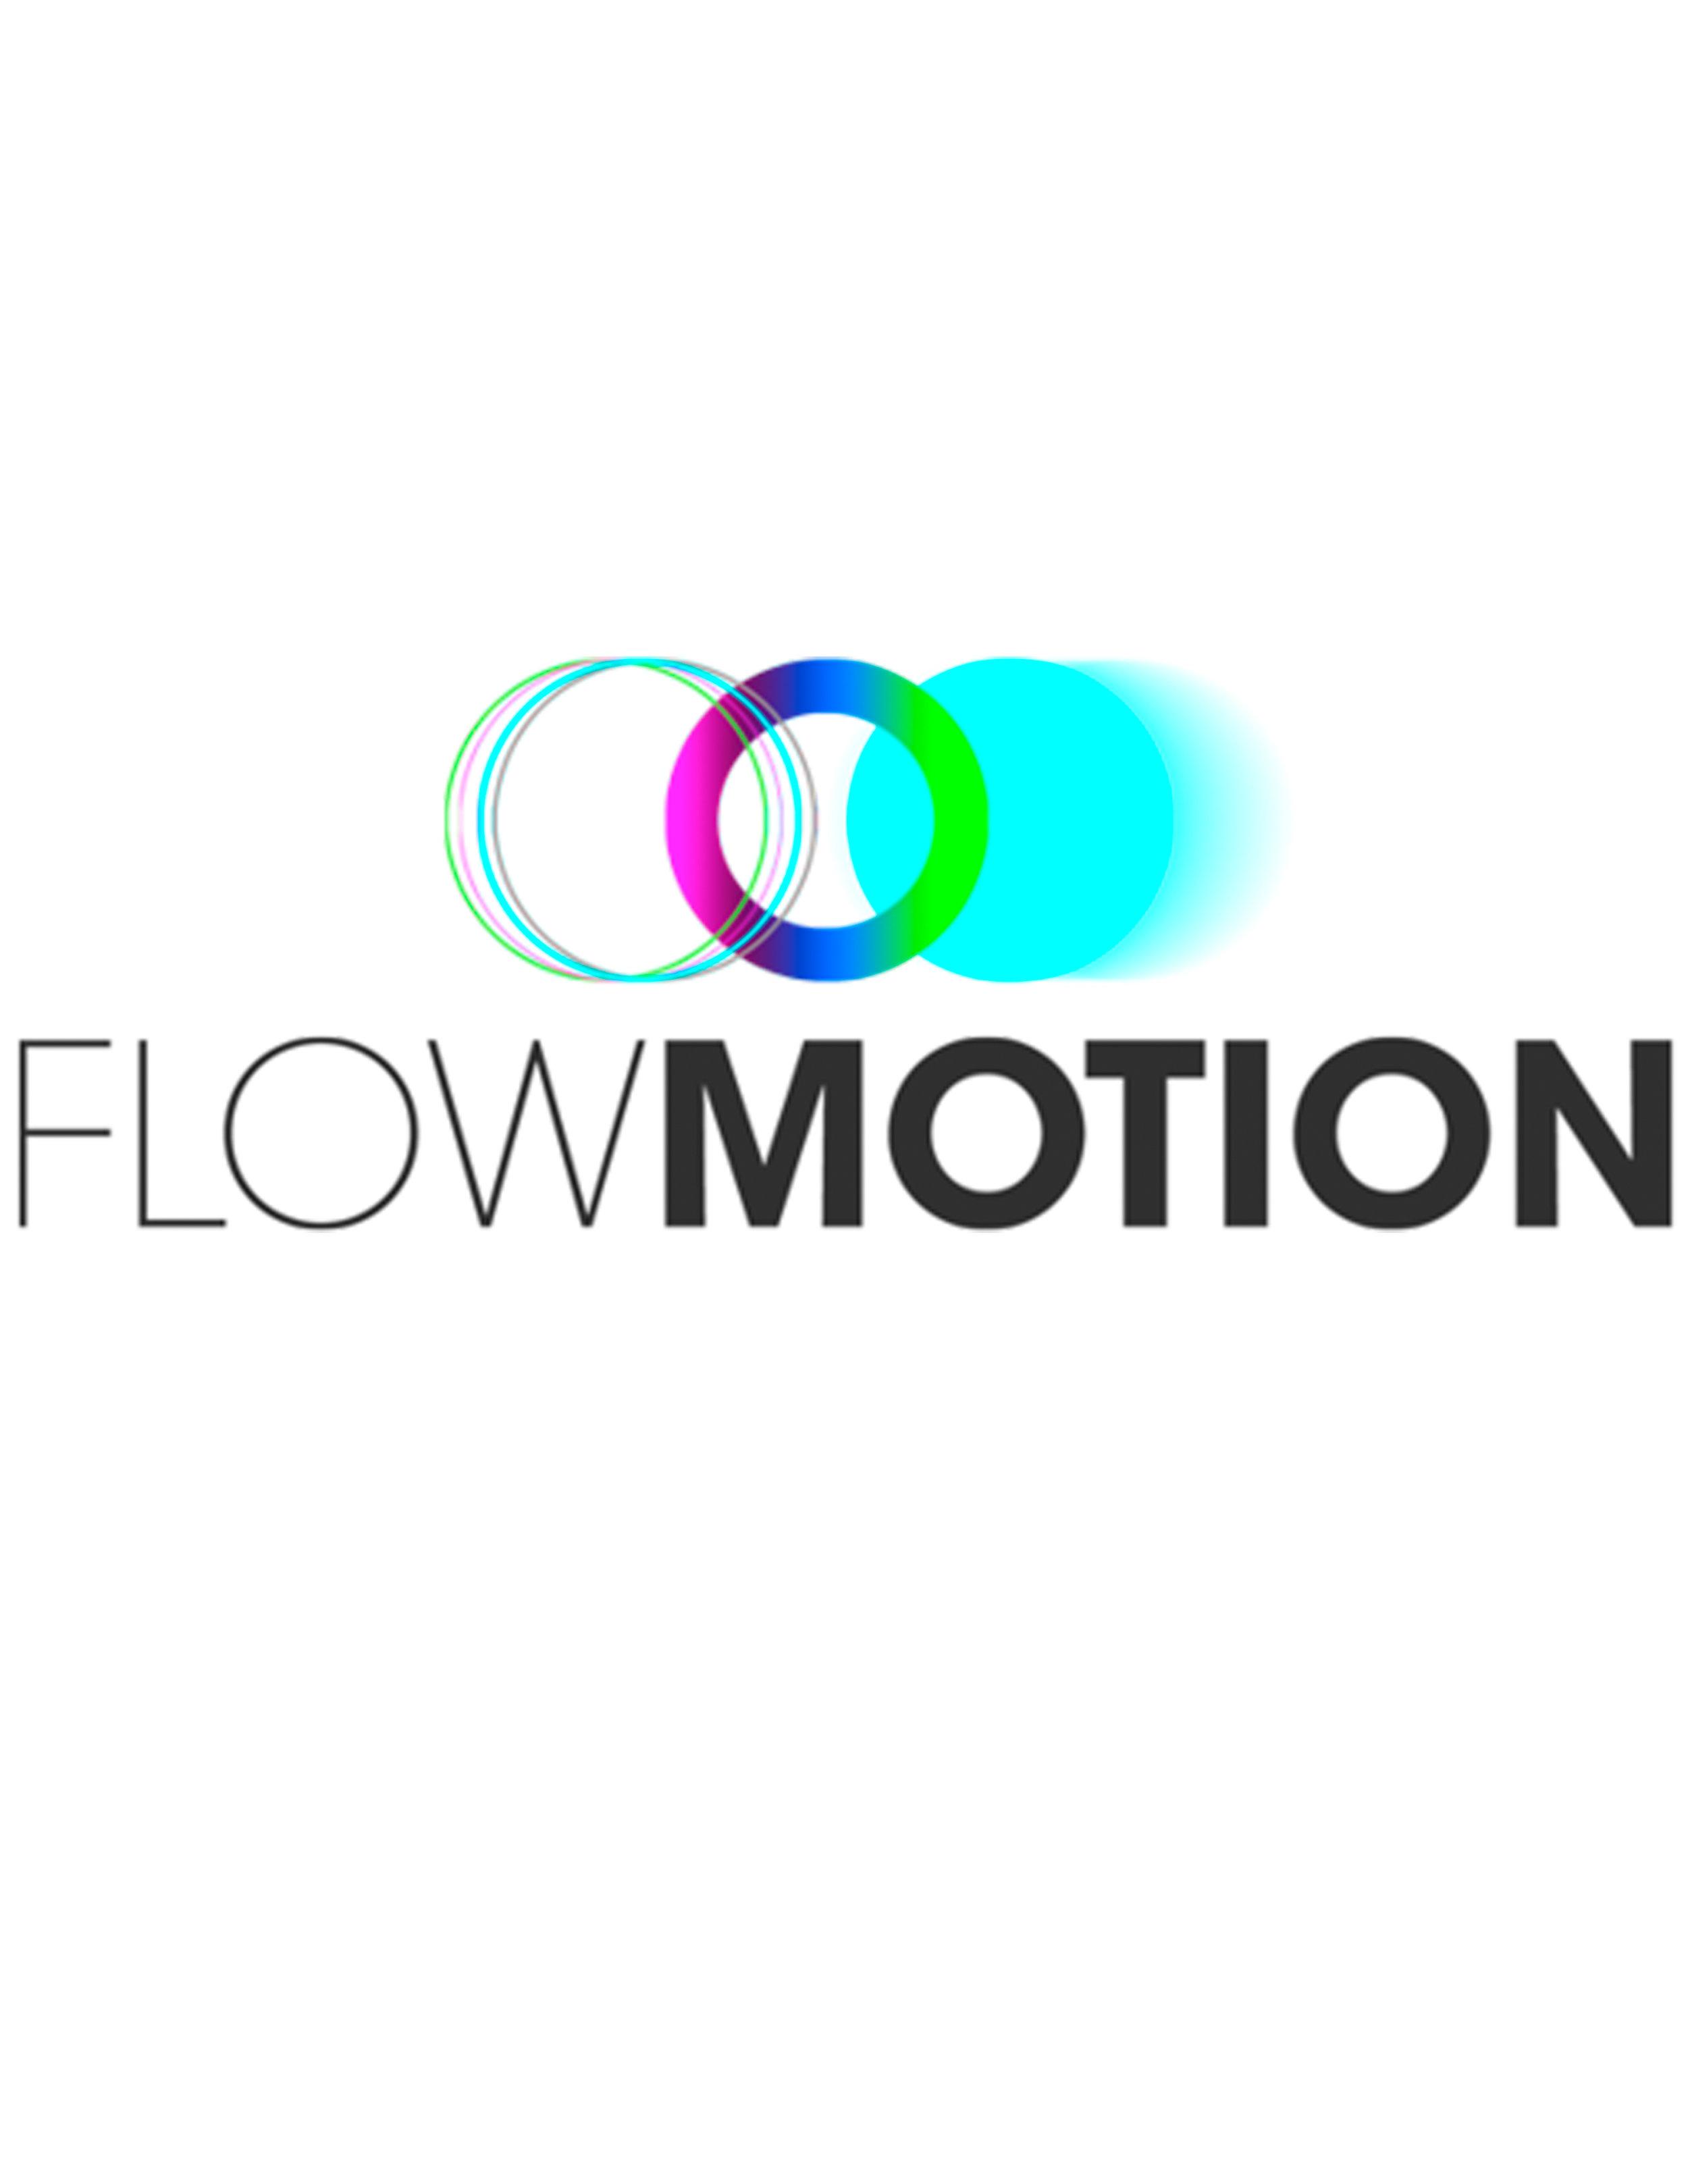 Bronze_flowmotion8.5x11.jpg